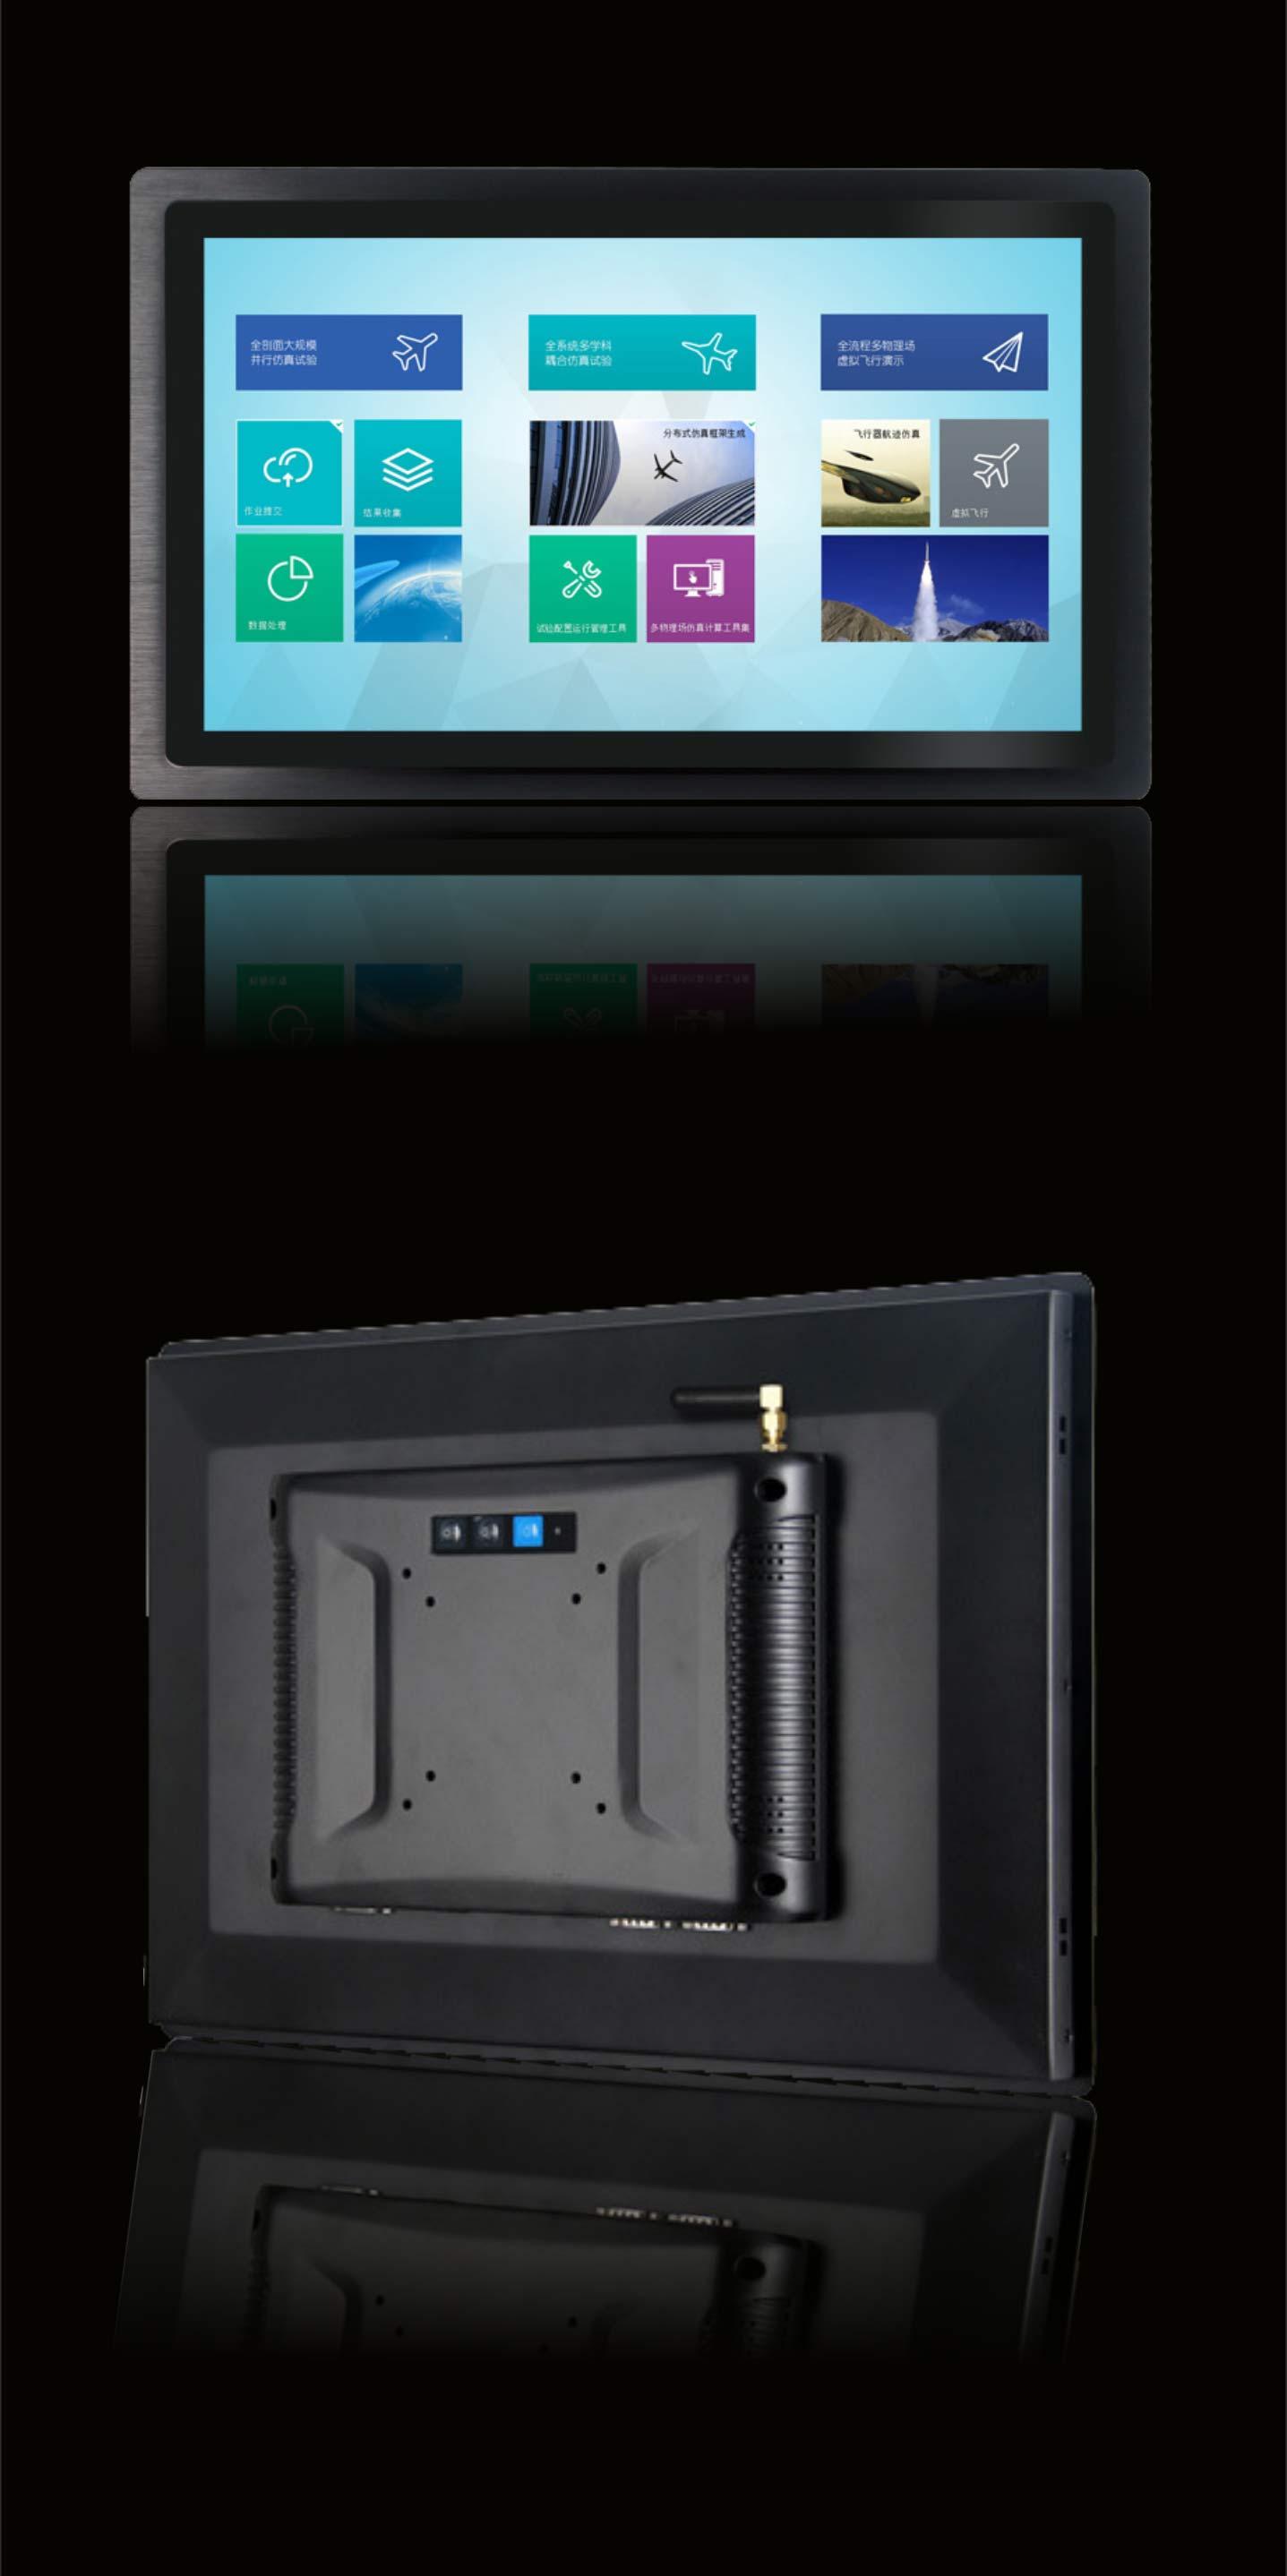 工業平板電腦_07.jpg